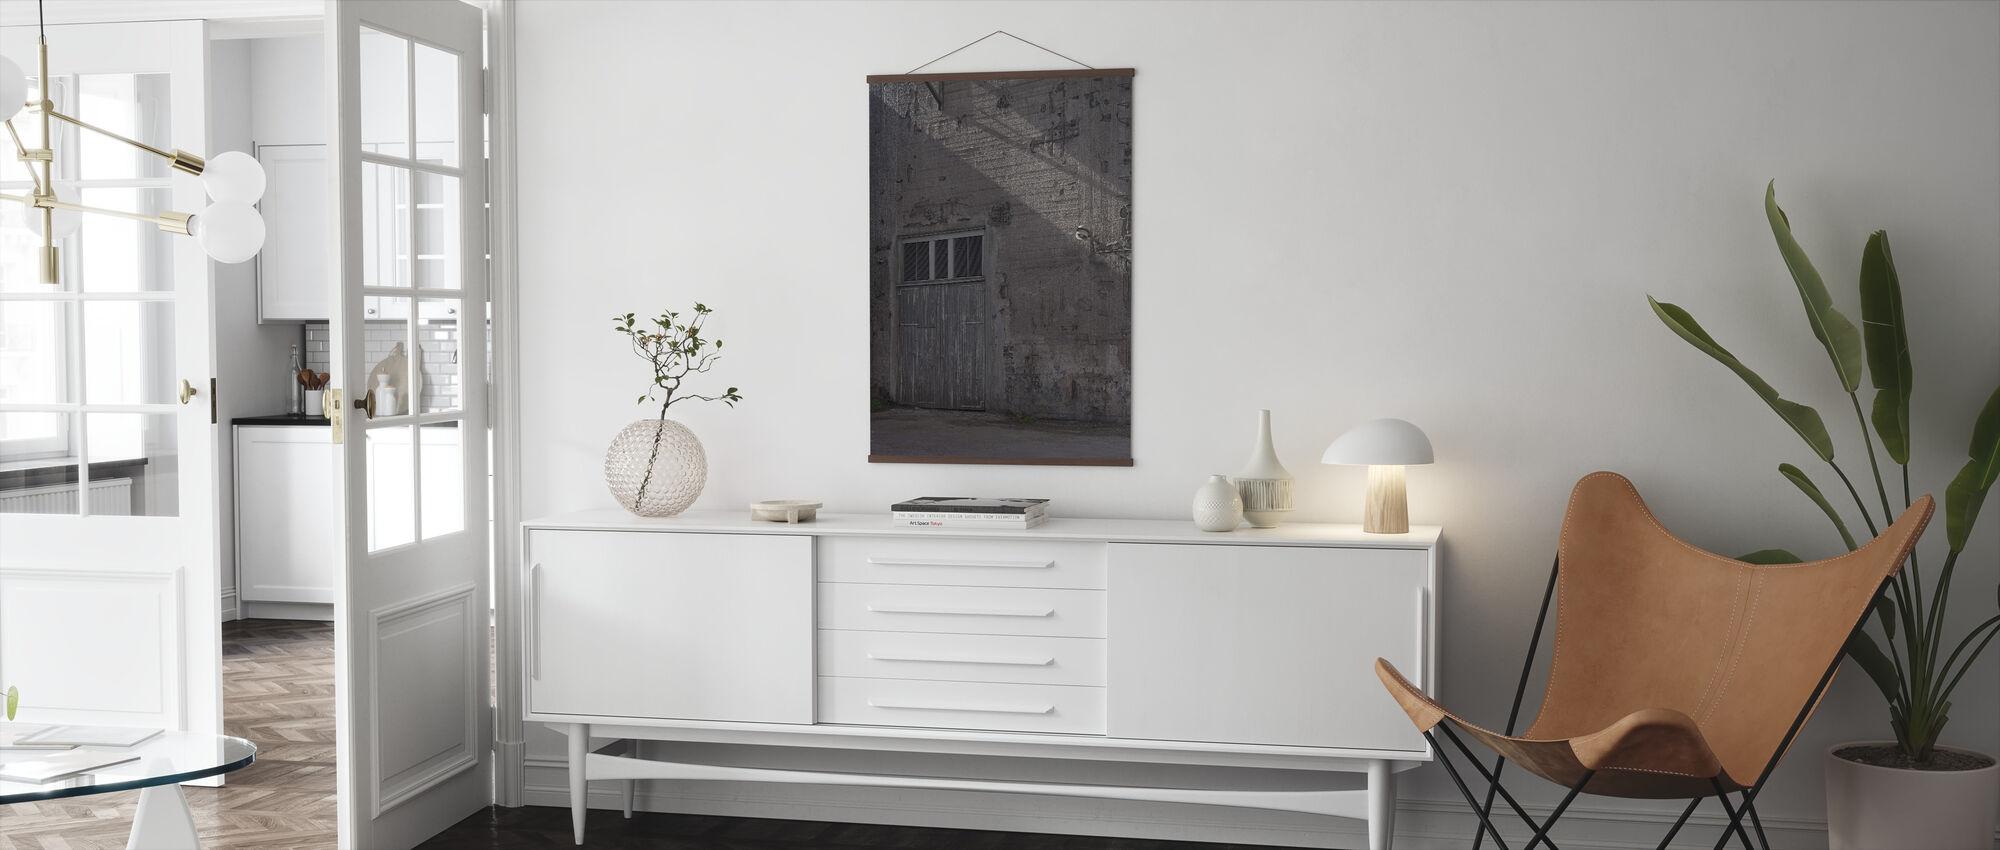 Concrete Facade - Poster - Living Room